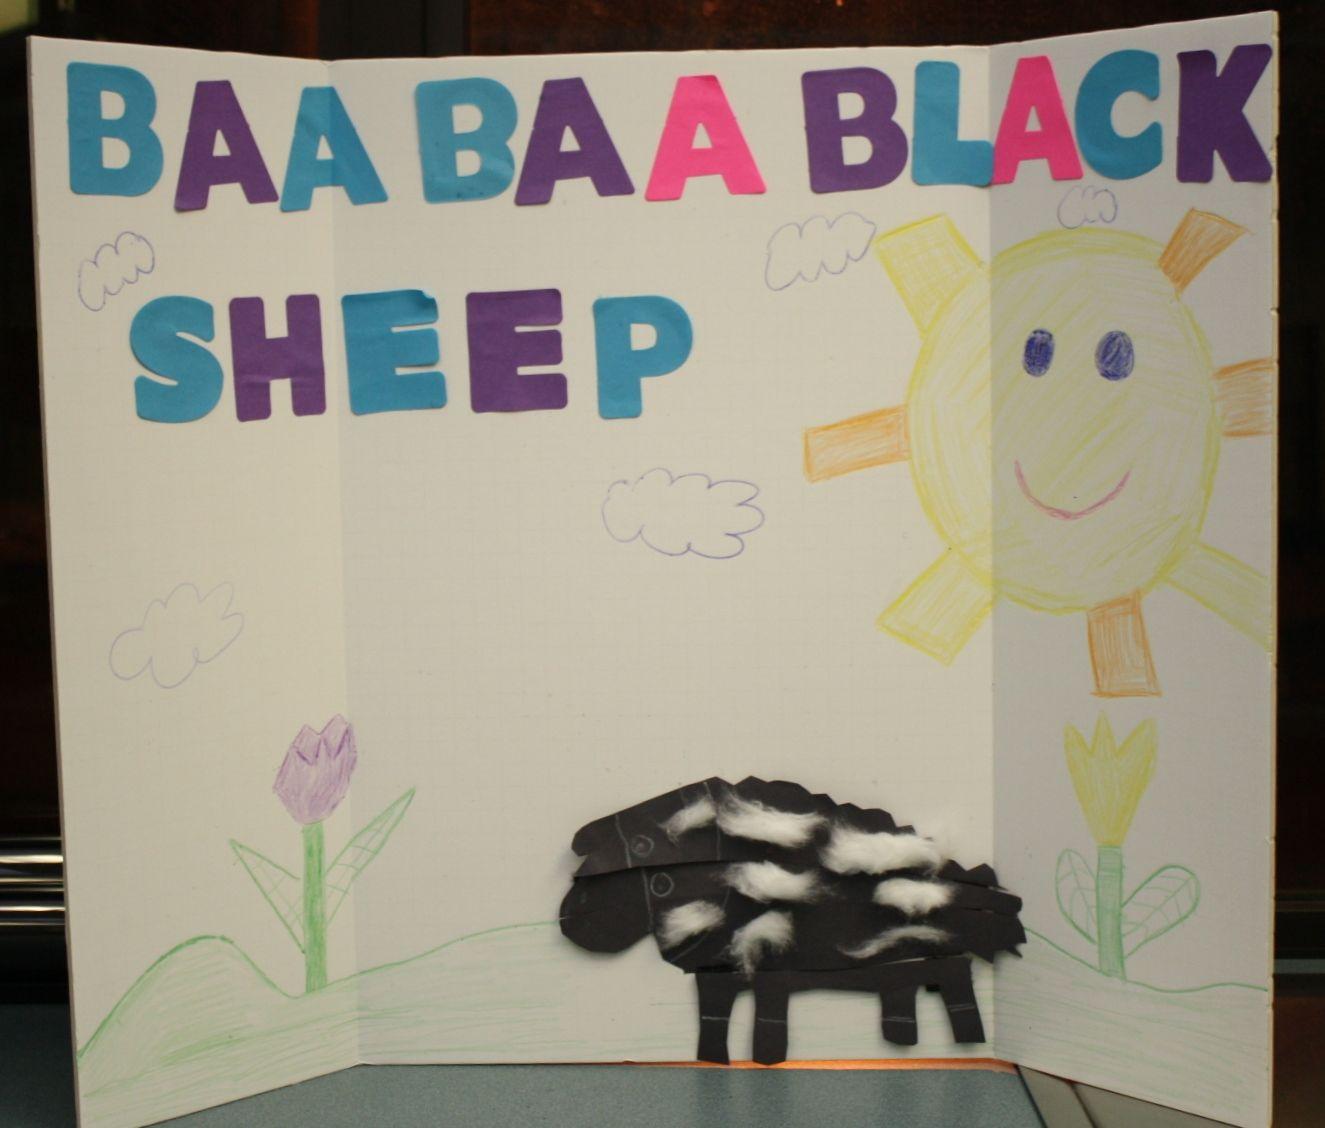 Baa Baa Black Sheep Story Board Created By Miss Lindsey